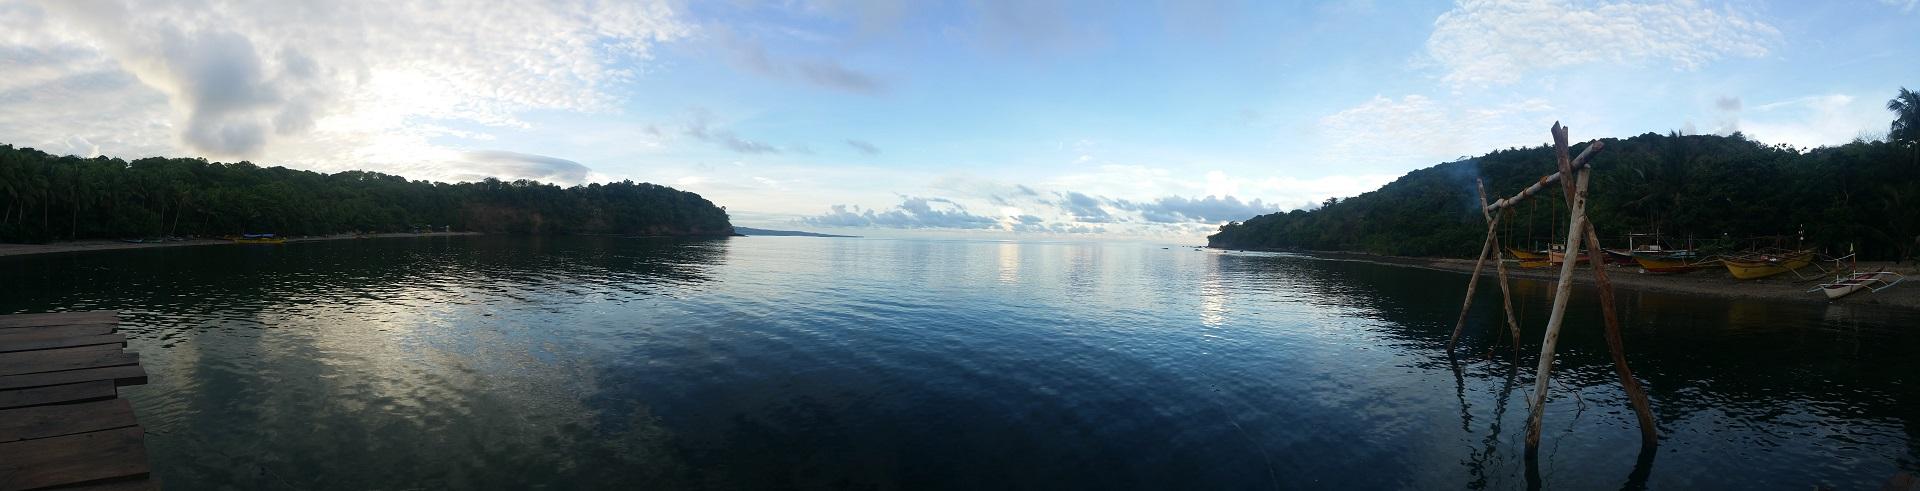 cove-panorama.jpg